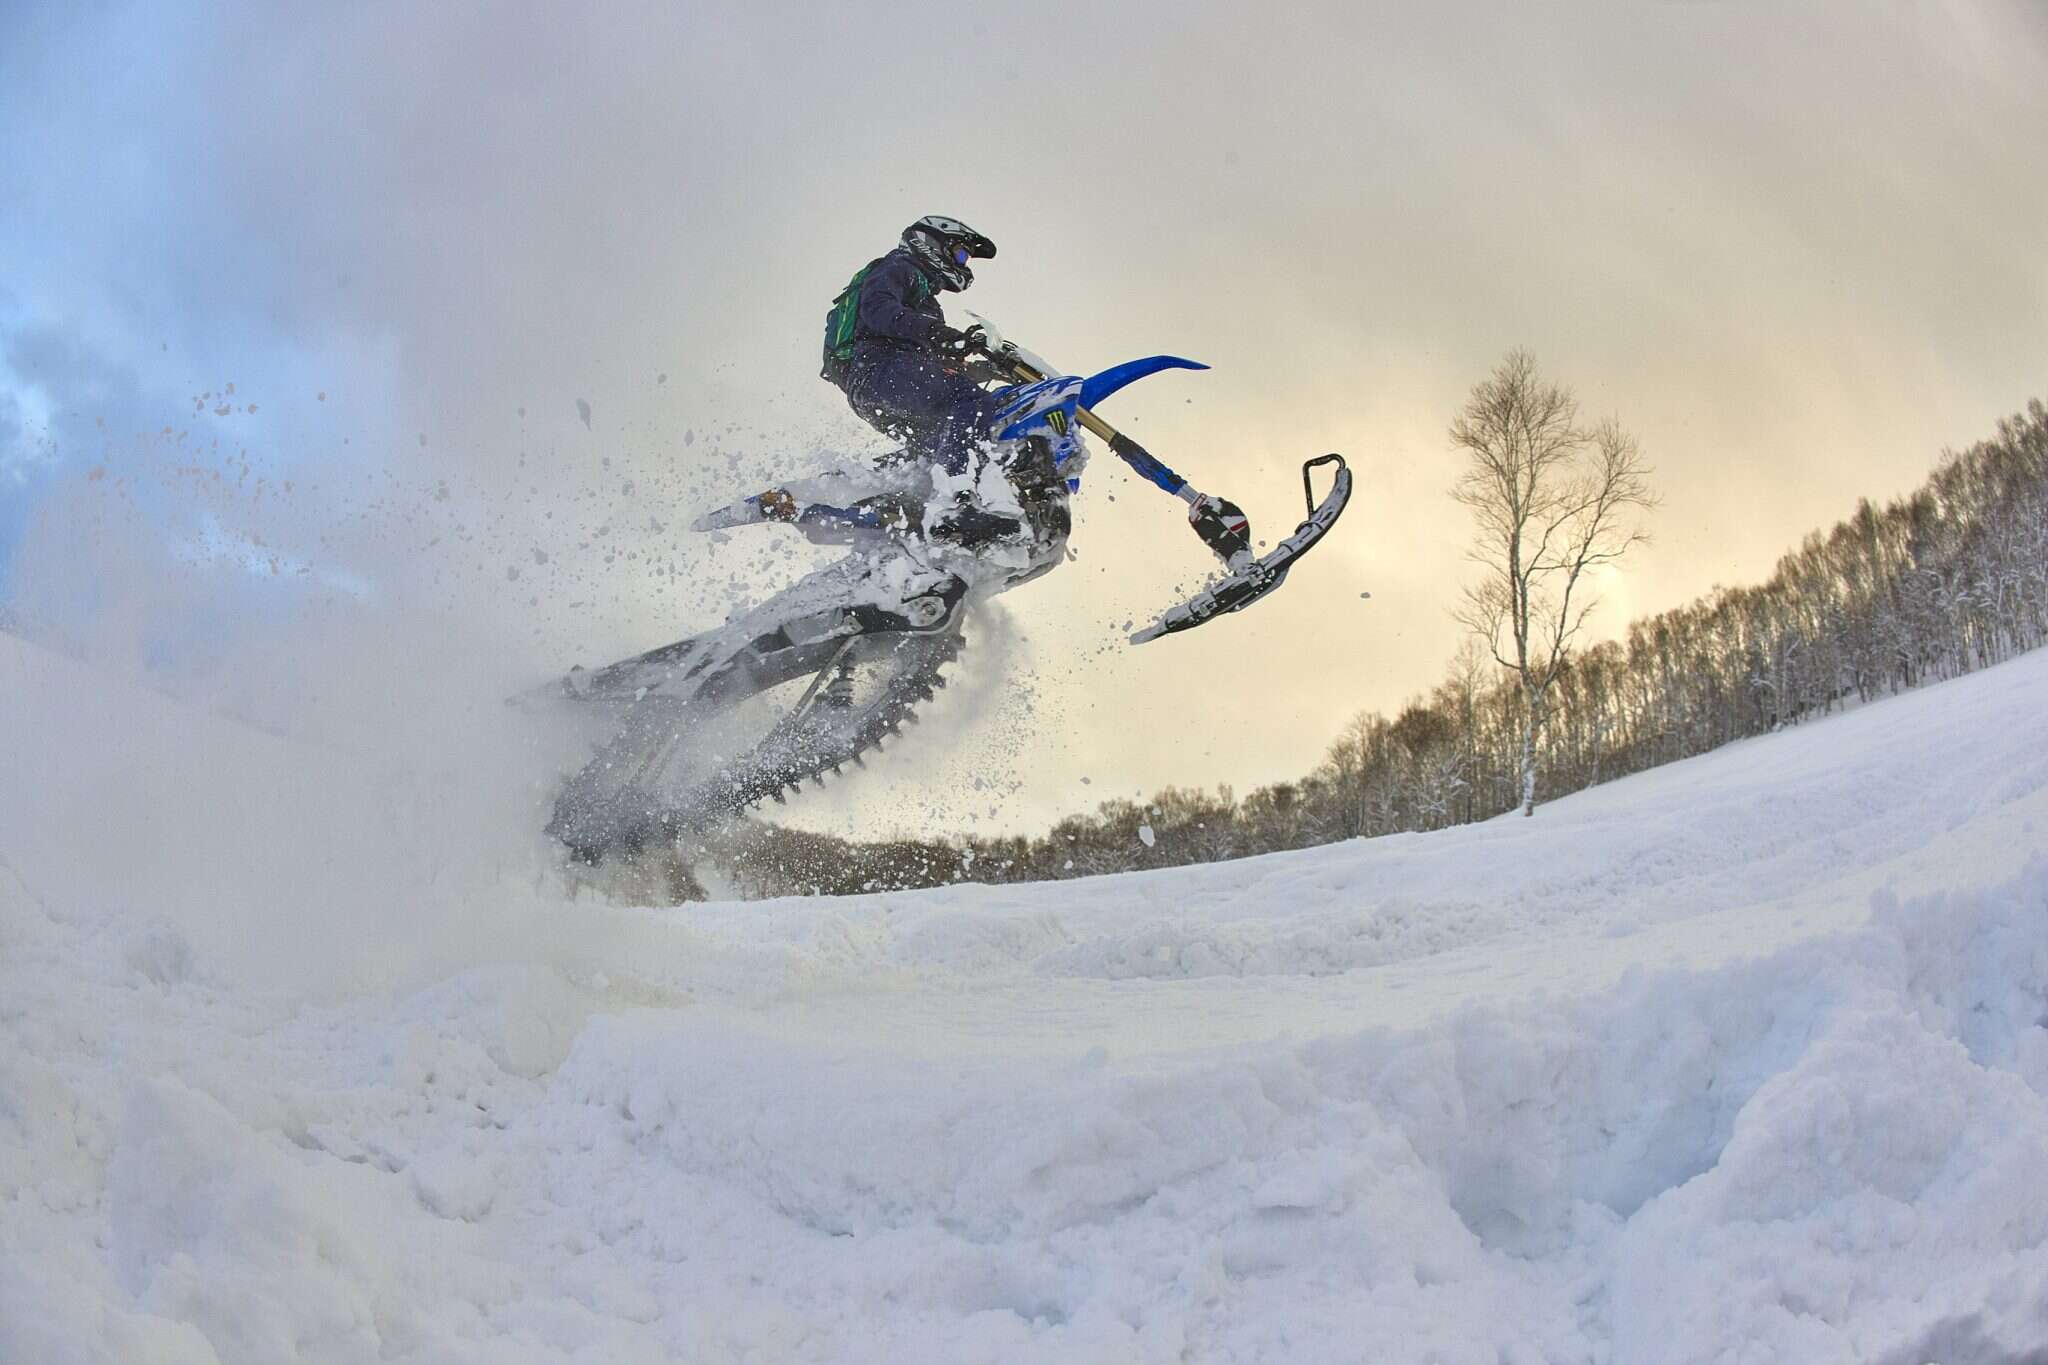 תחרות גלישה ביפן. אלוף הפורומולה 1 לואיס המילטון על אופנוע שלג. צילום: גטי אימג'ס